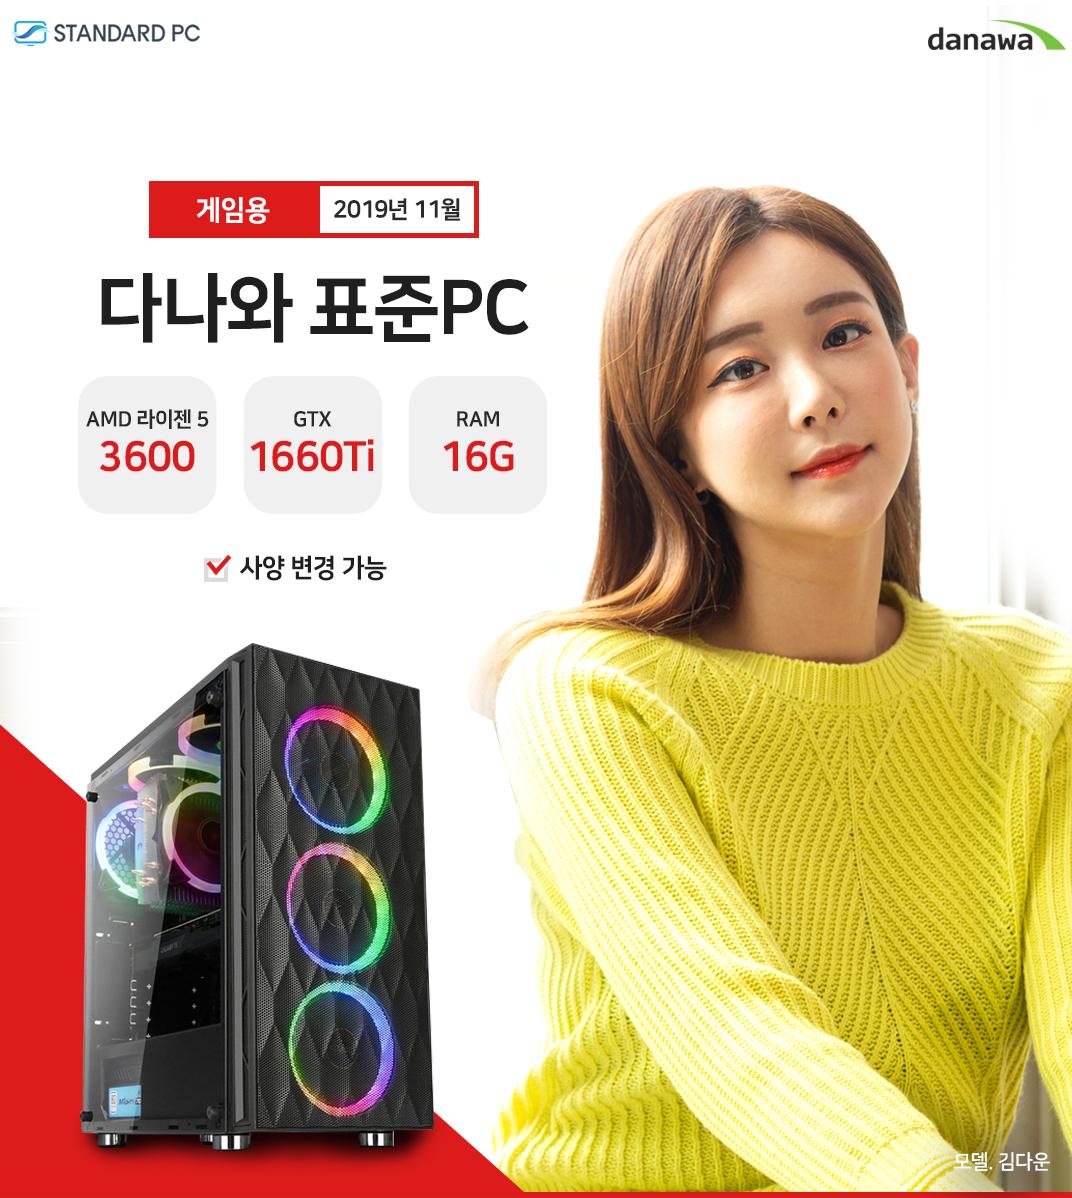 2019년 11월 다나와 표준PC 게이밍용 AMD 라이젠 5 3600 GTX1660Ti RAM 16G 모델 문가경